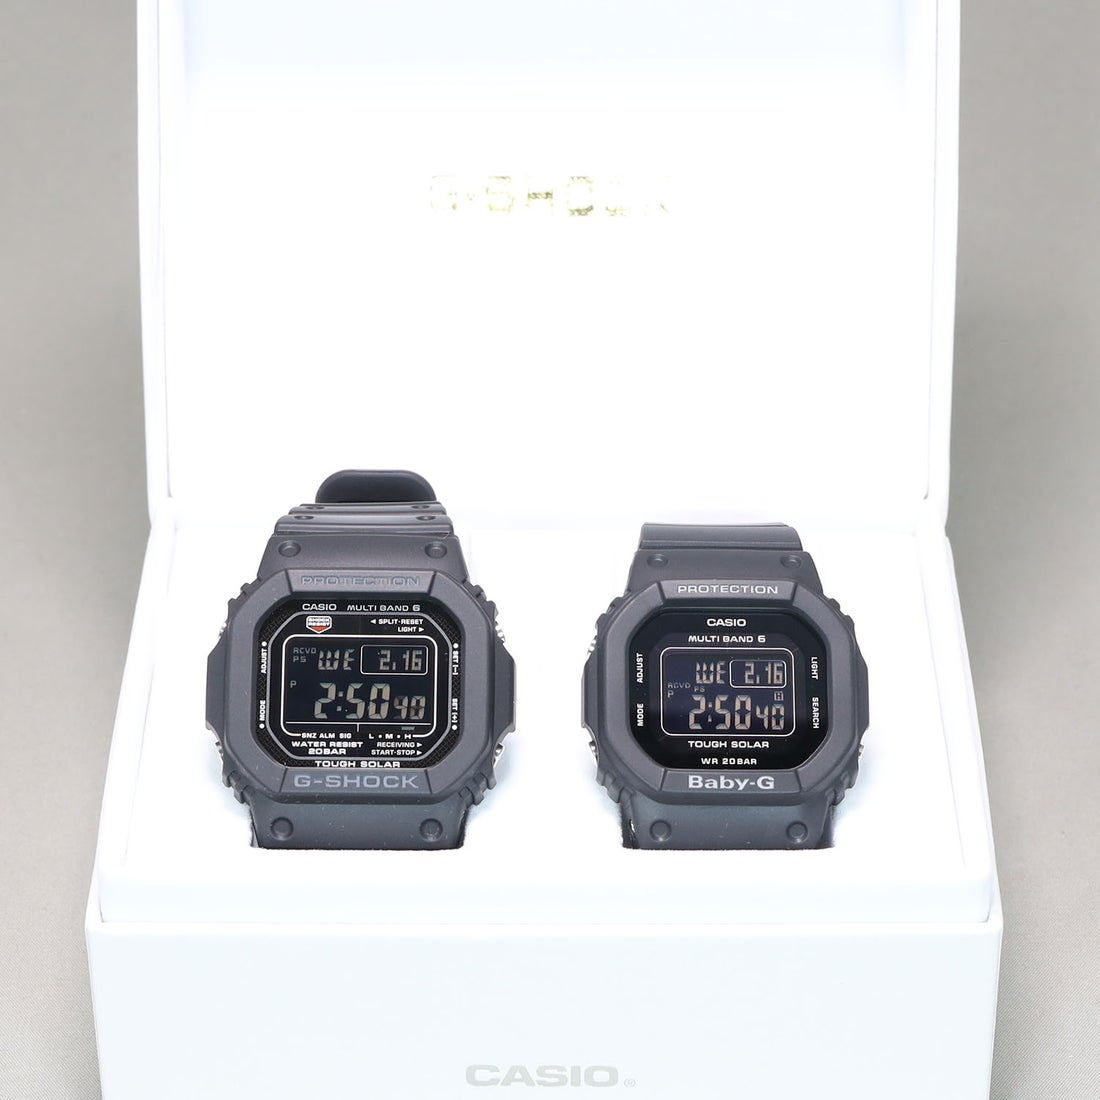 7f10a2632b 【G-SHOCK&BABY-G】Pair Model / 電波ソーラー GW-M5610-1BJF × BGD-5000MD-1JF (ブラック)  -靴&ファッション通販 ロコンド〜自宅で試着、気軽に返品